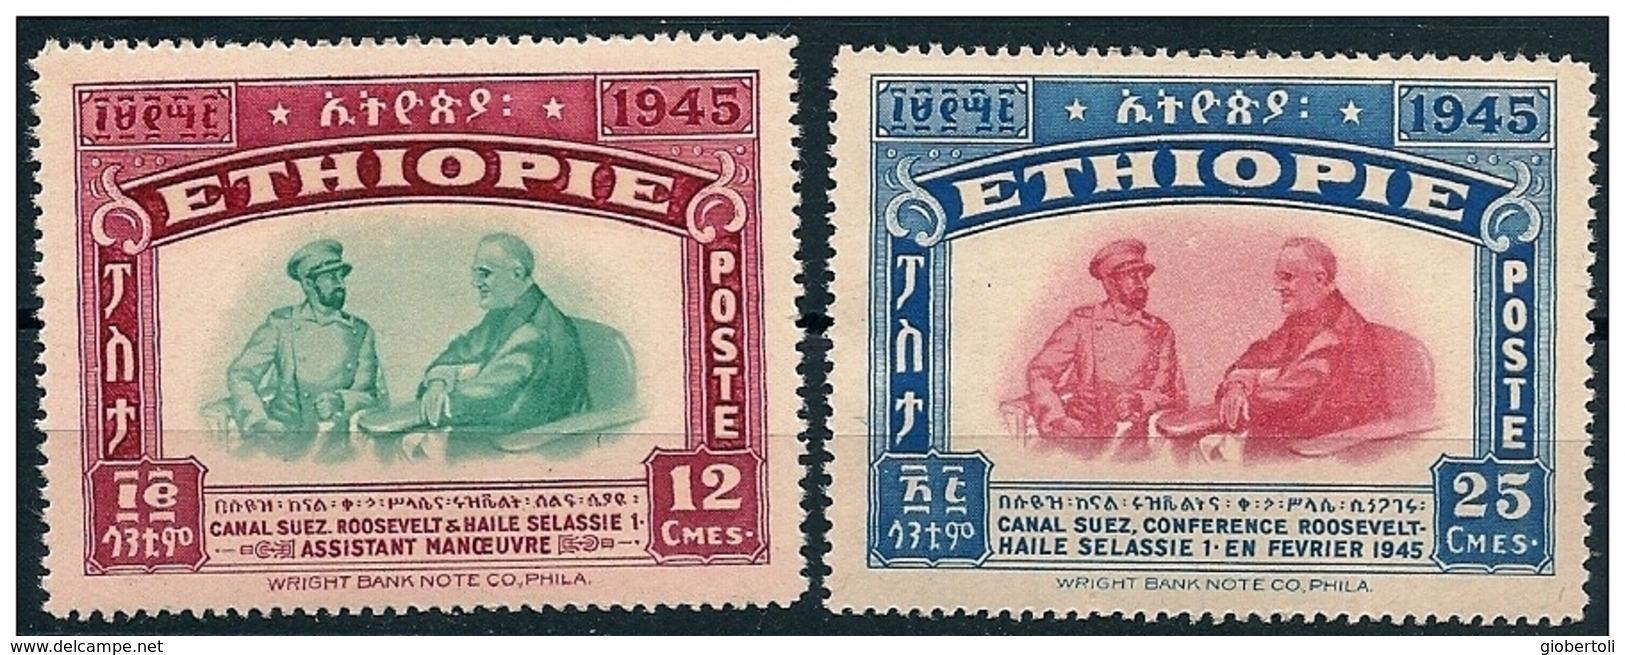 Etiopia/Ethiopie: Franklin Delano Roosevelt, Hailé Selassié - Altri